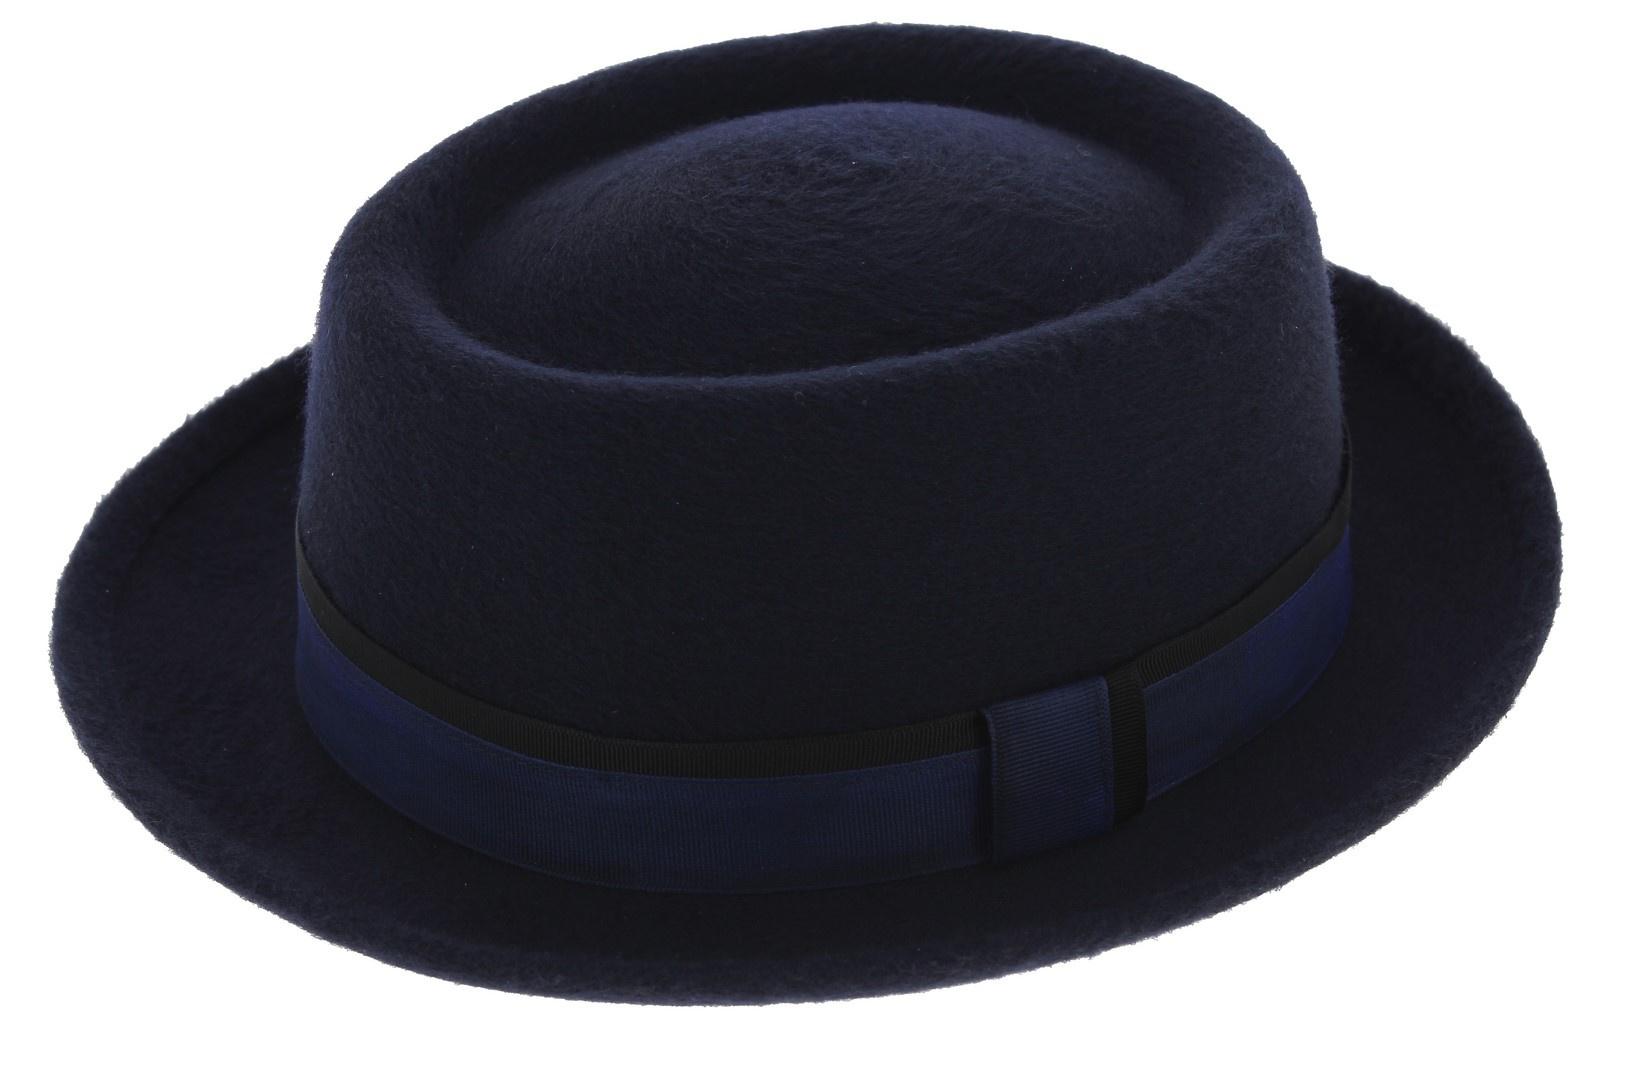 a1a4ab028f0 https   www.chapellerie-traclet.com fr bonnet 3202-bonnet-a-pompon ...